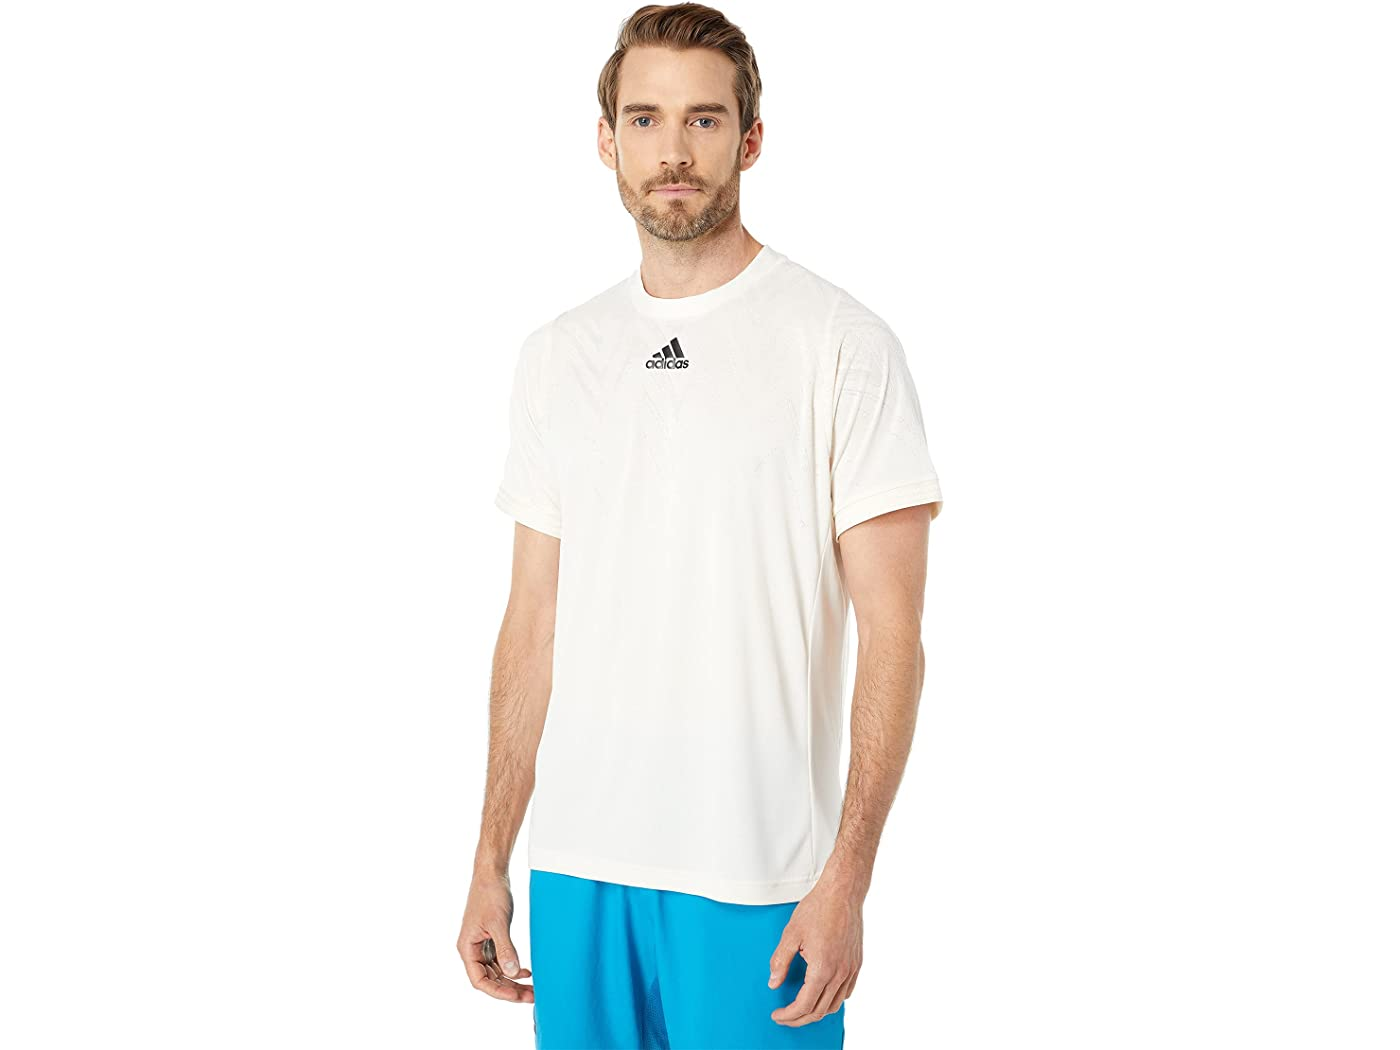 Adidas Freelift Primeblue Tee